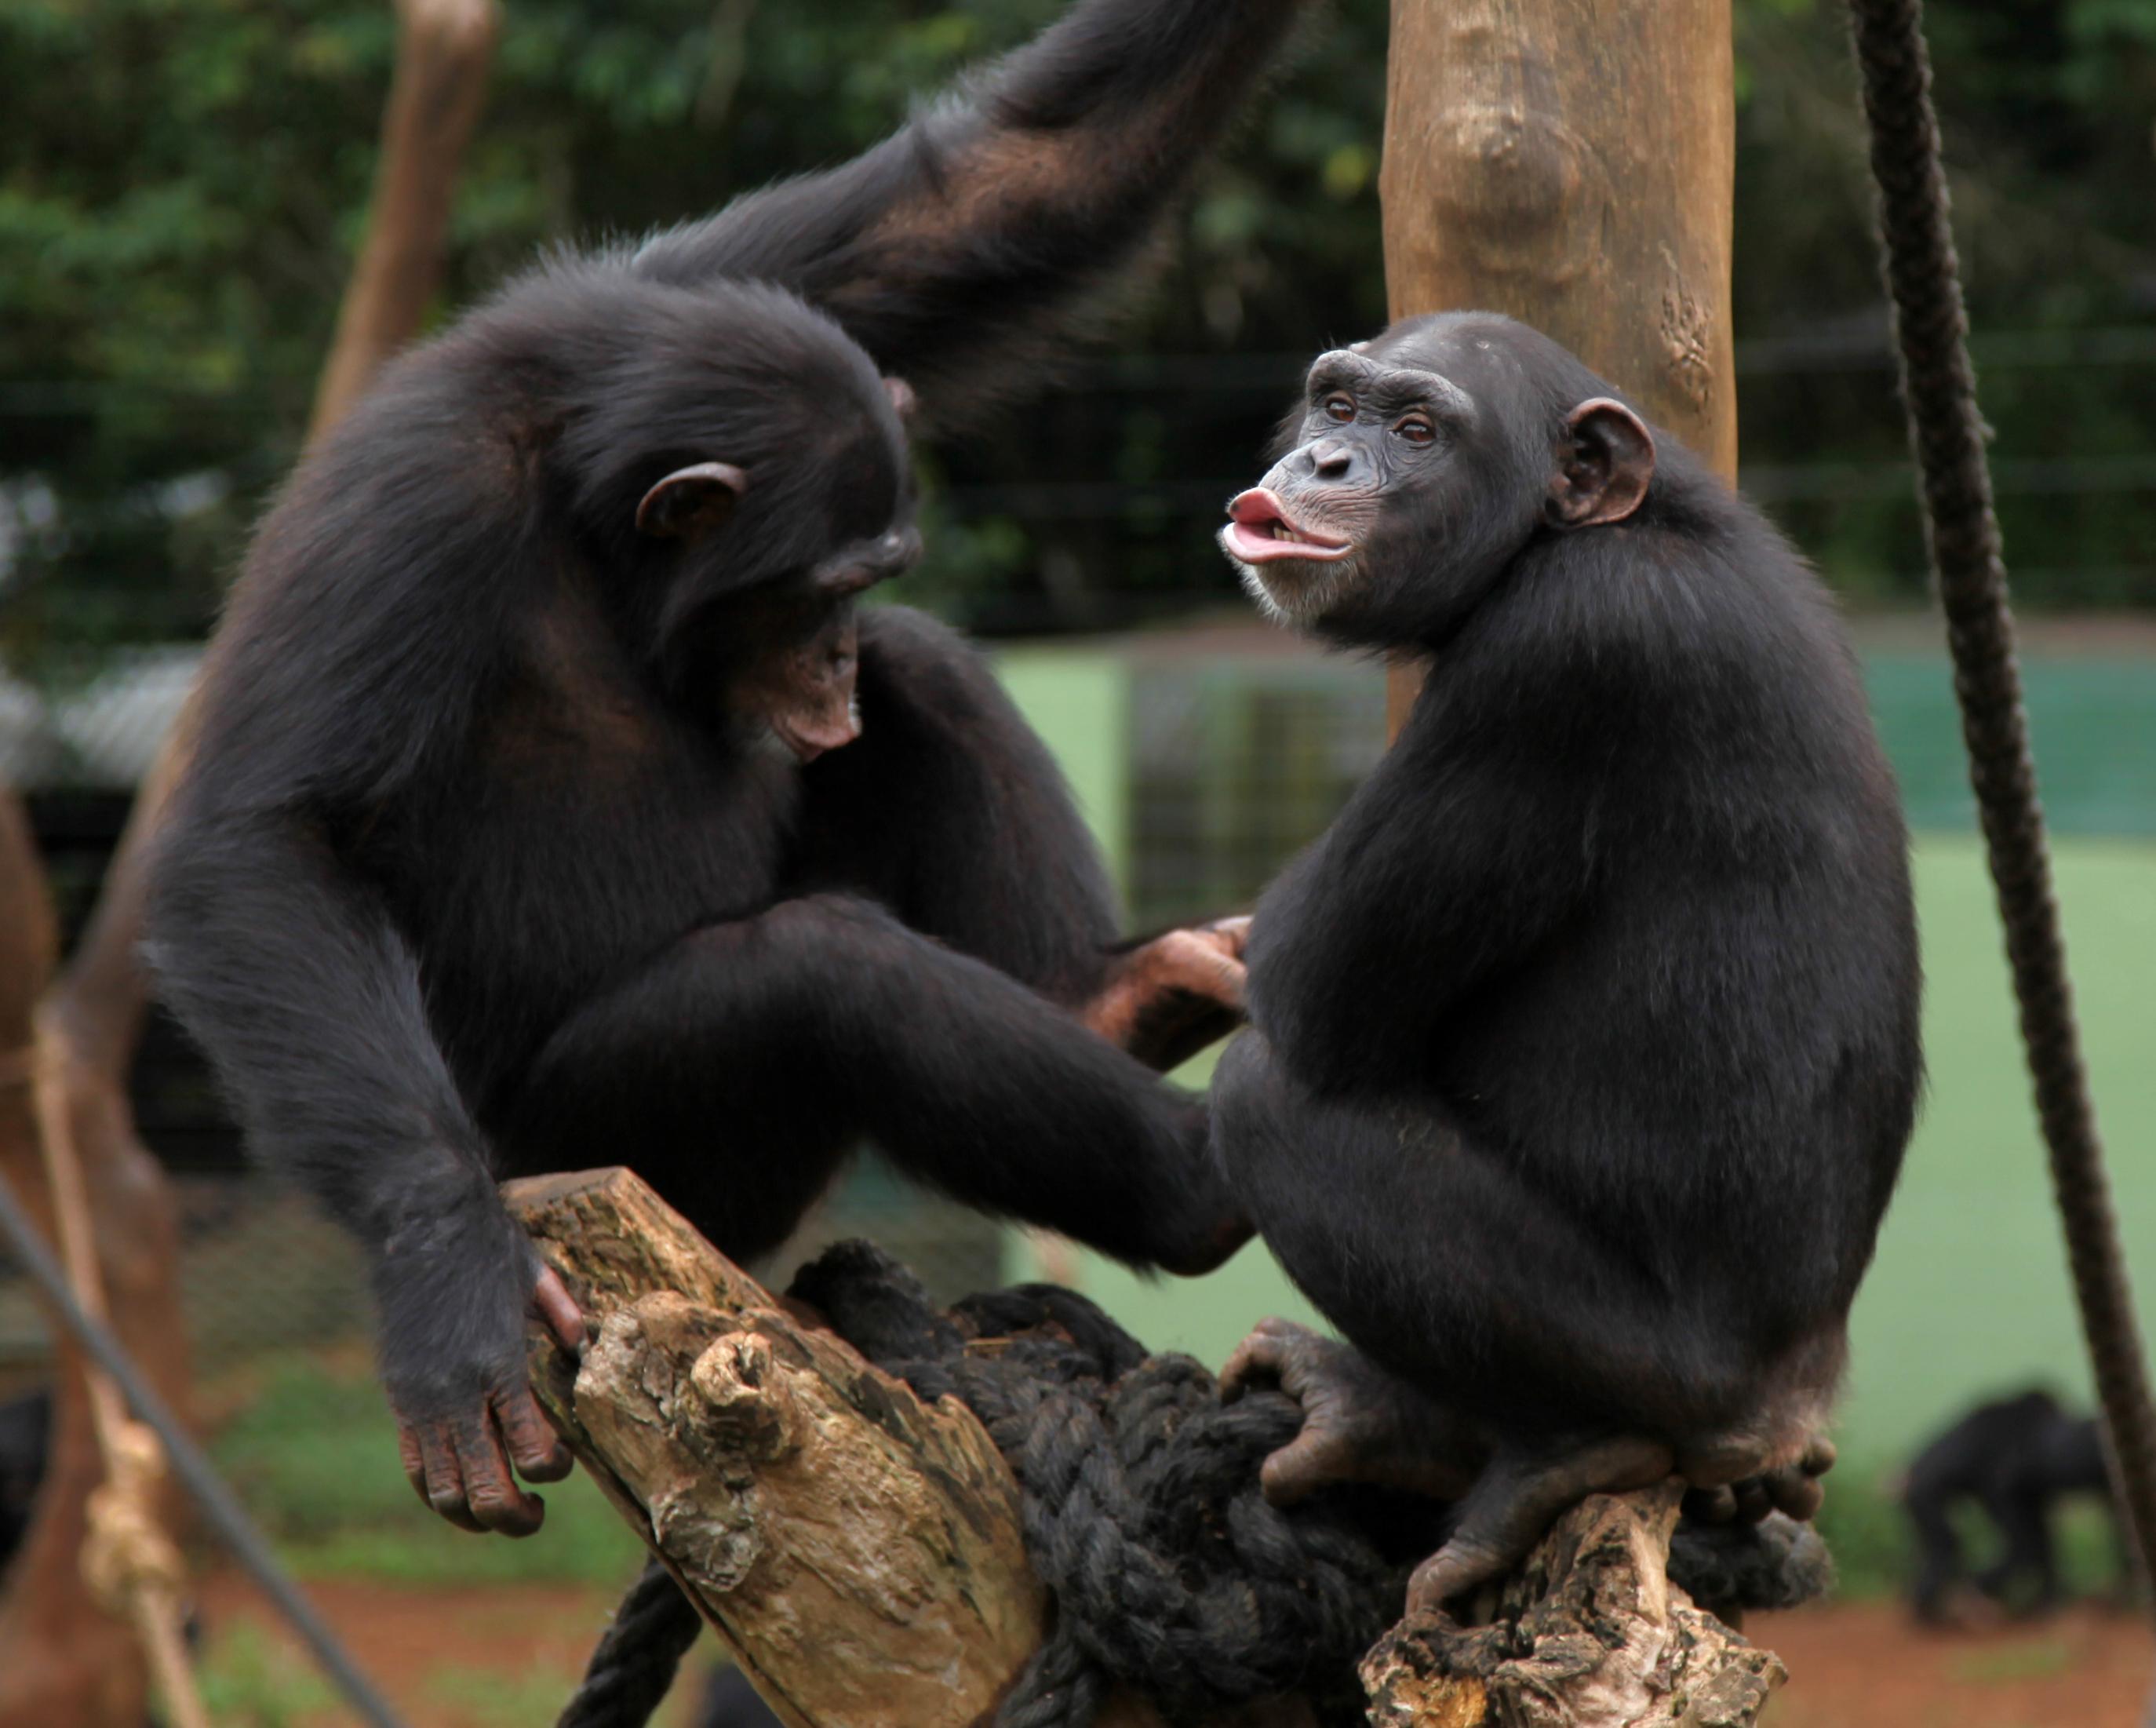 Warum können Affen nicht sprechen?